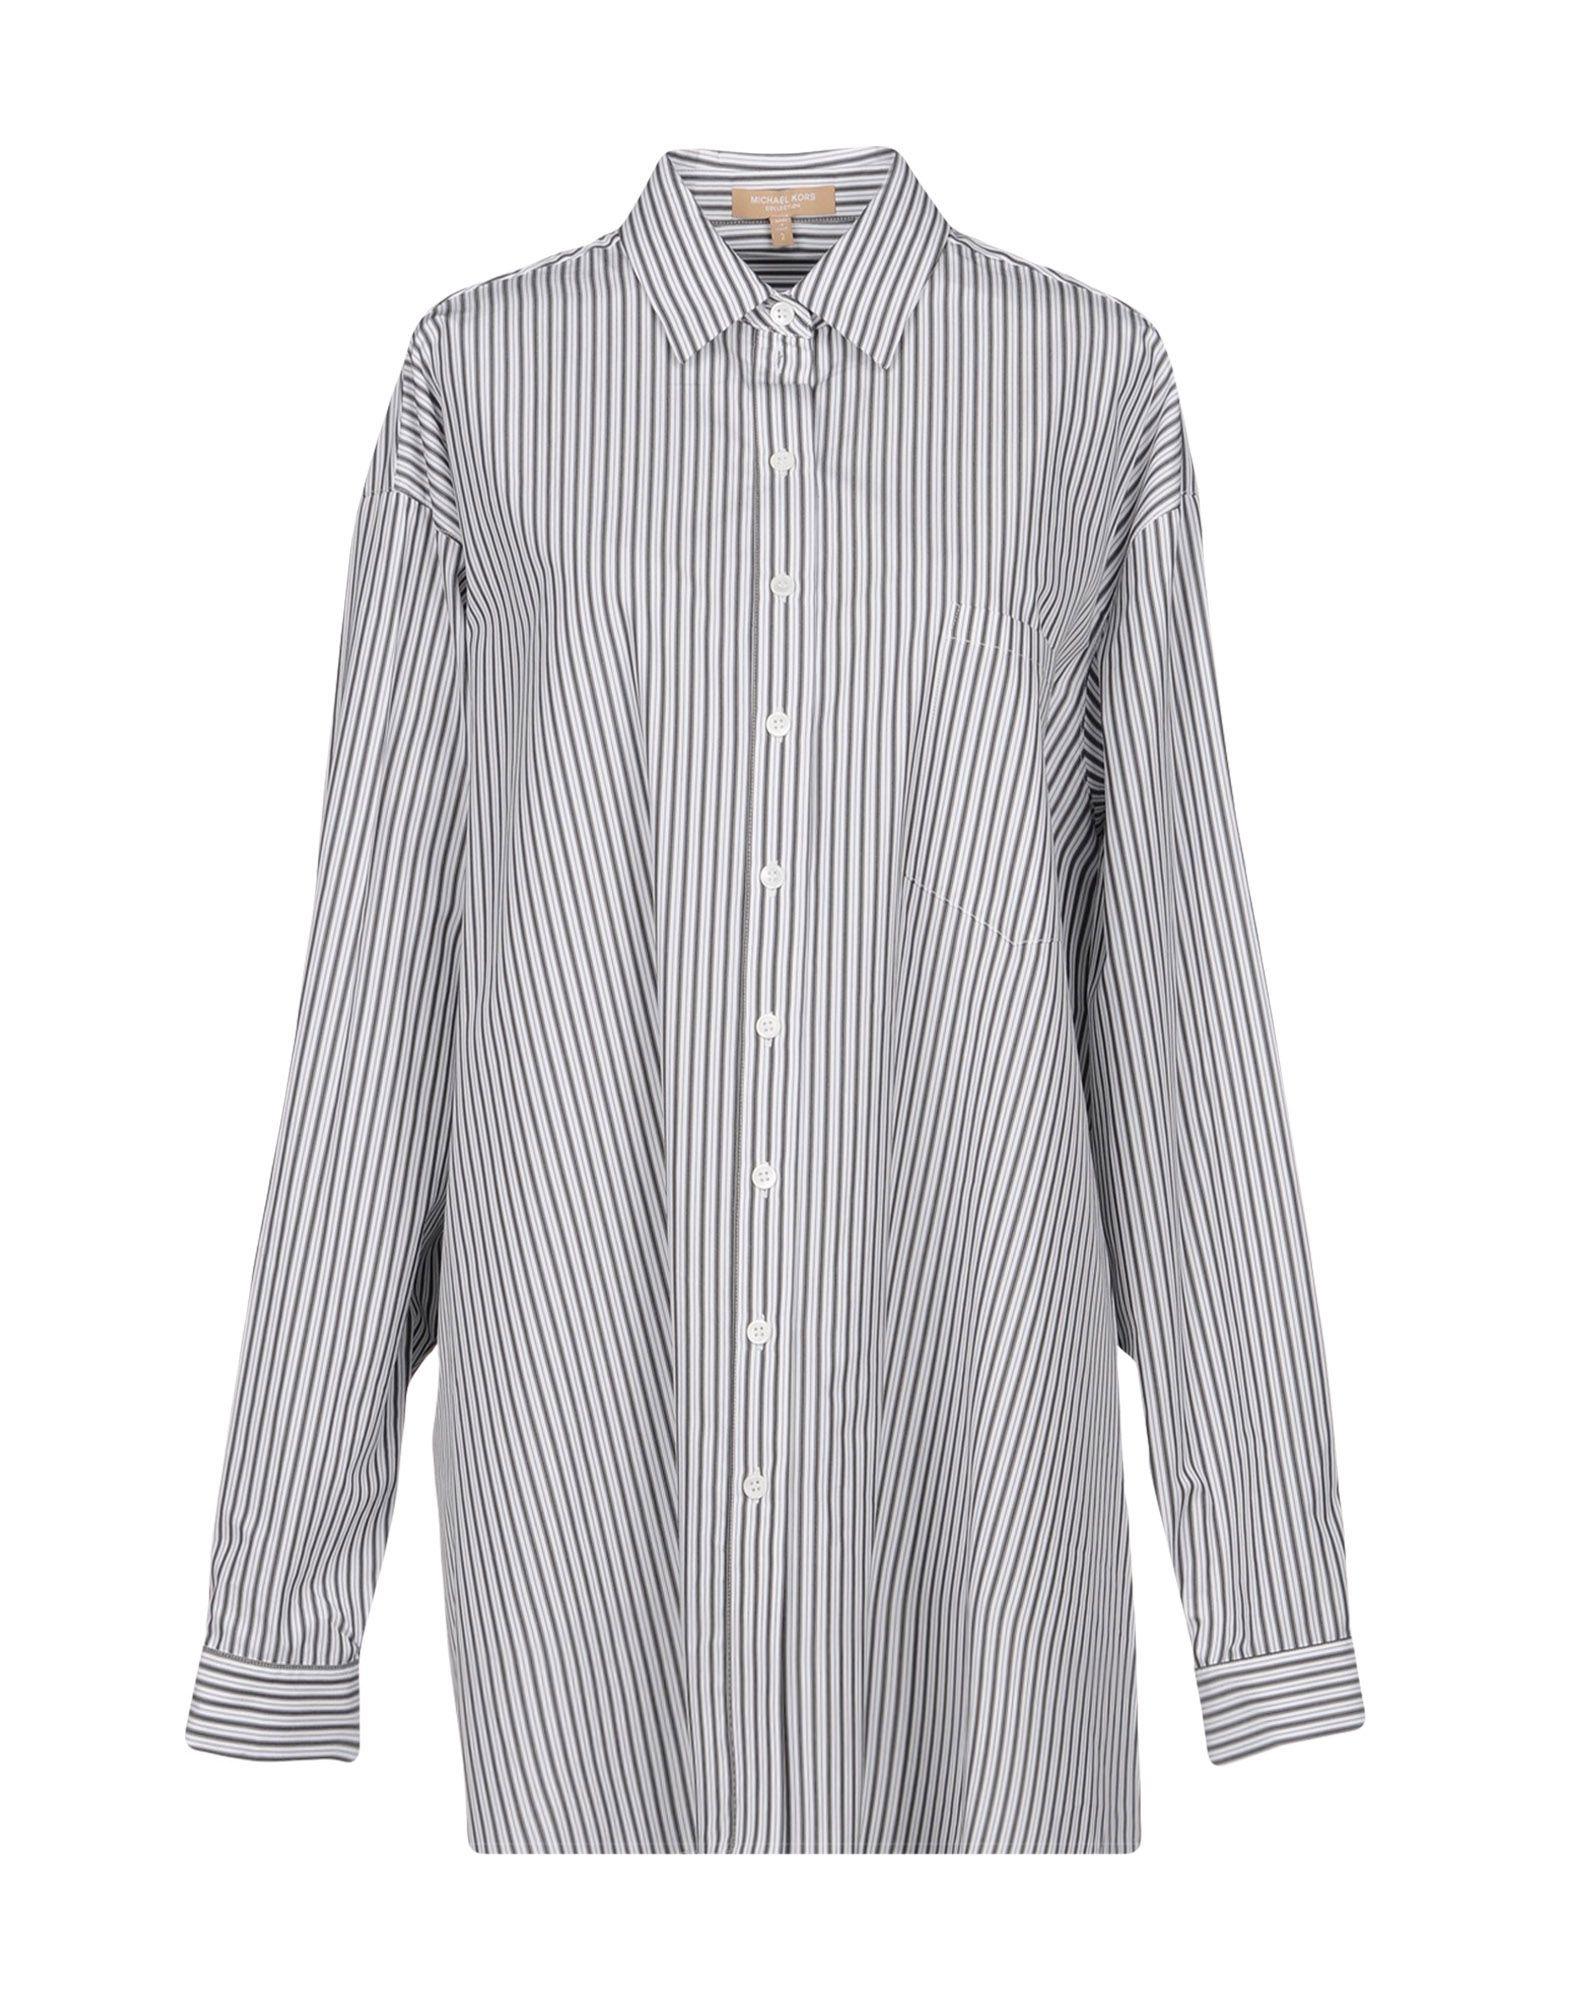 《送料無料》MICHAEL KORS COLLECTION レディース シャツ 鉛色 2 コットン 100%